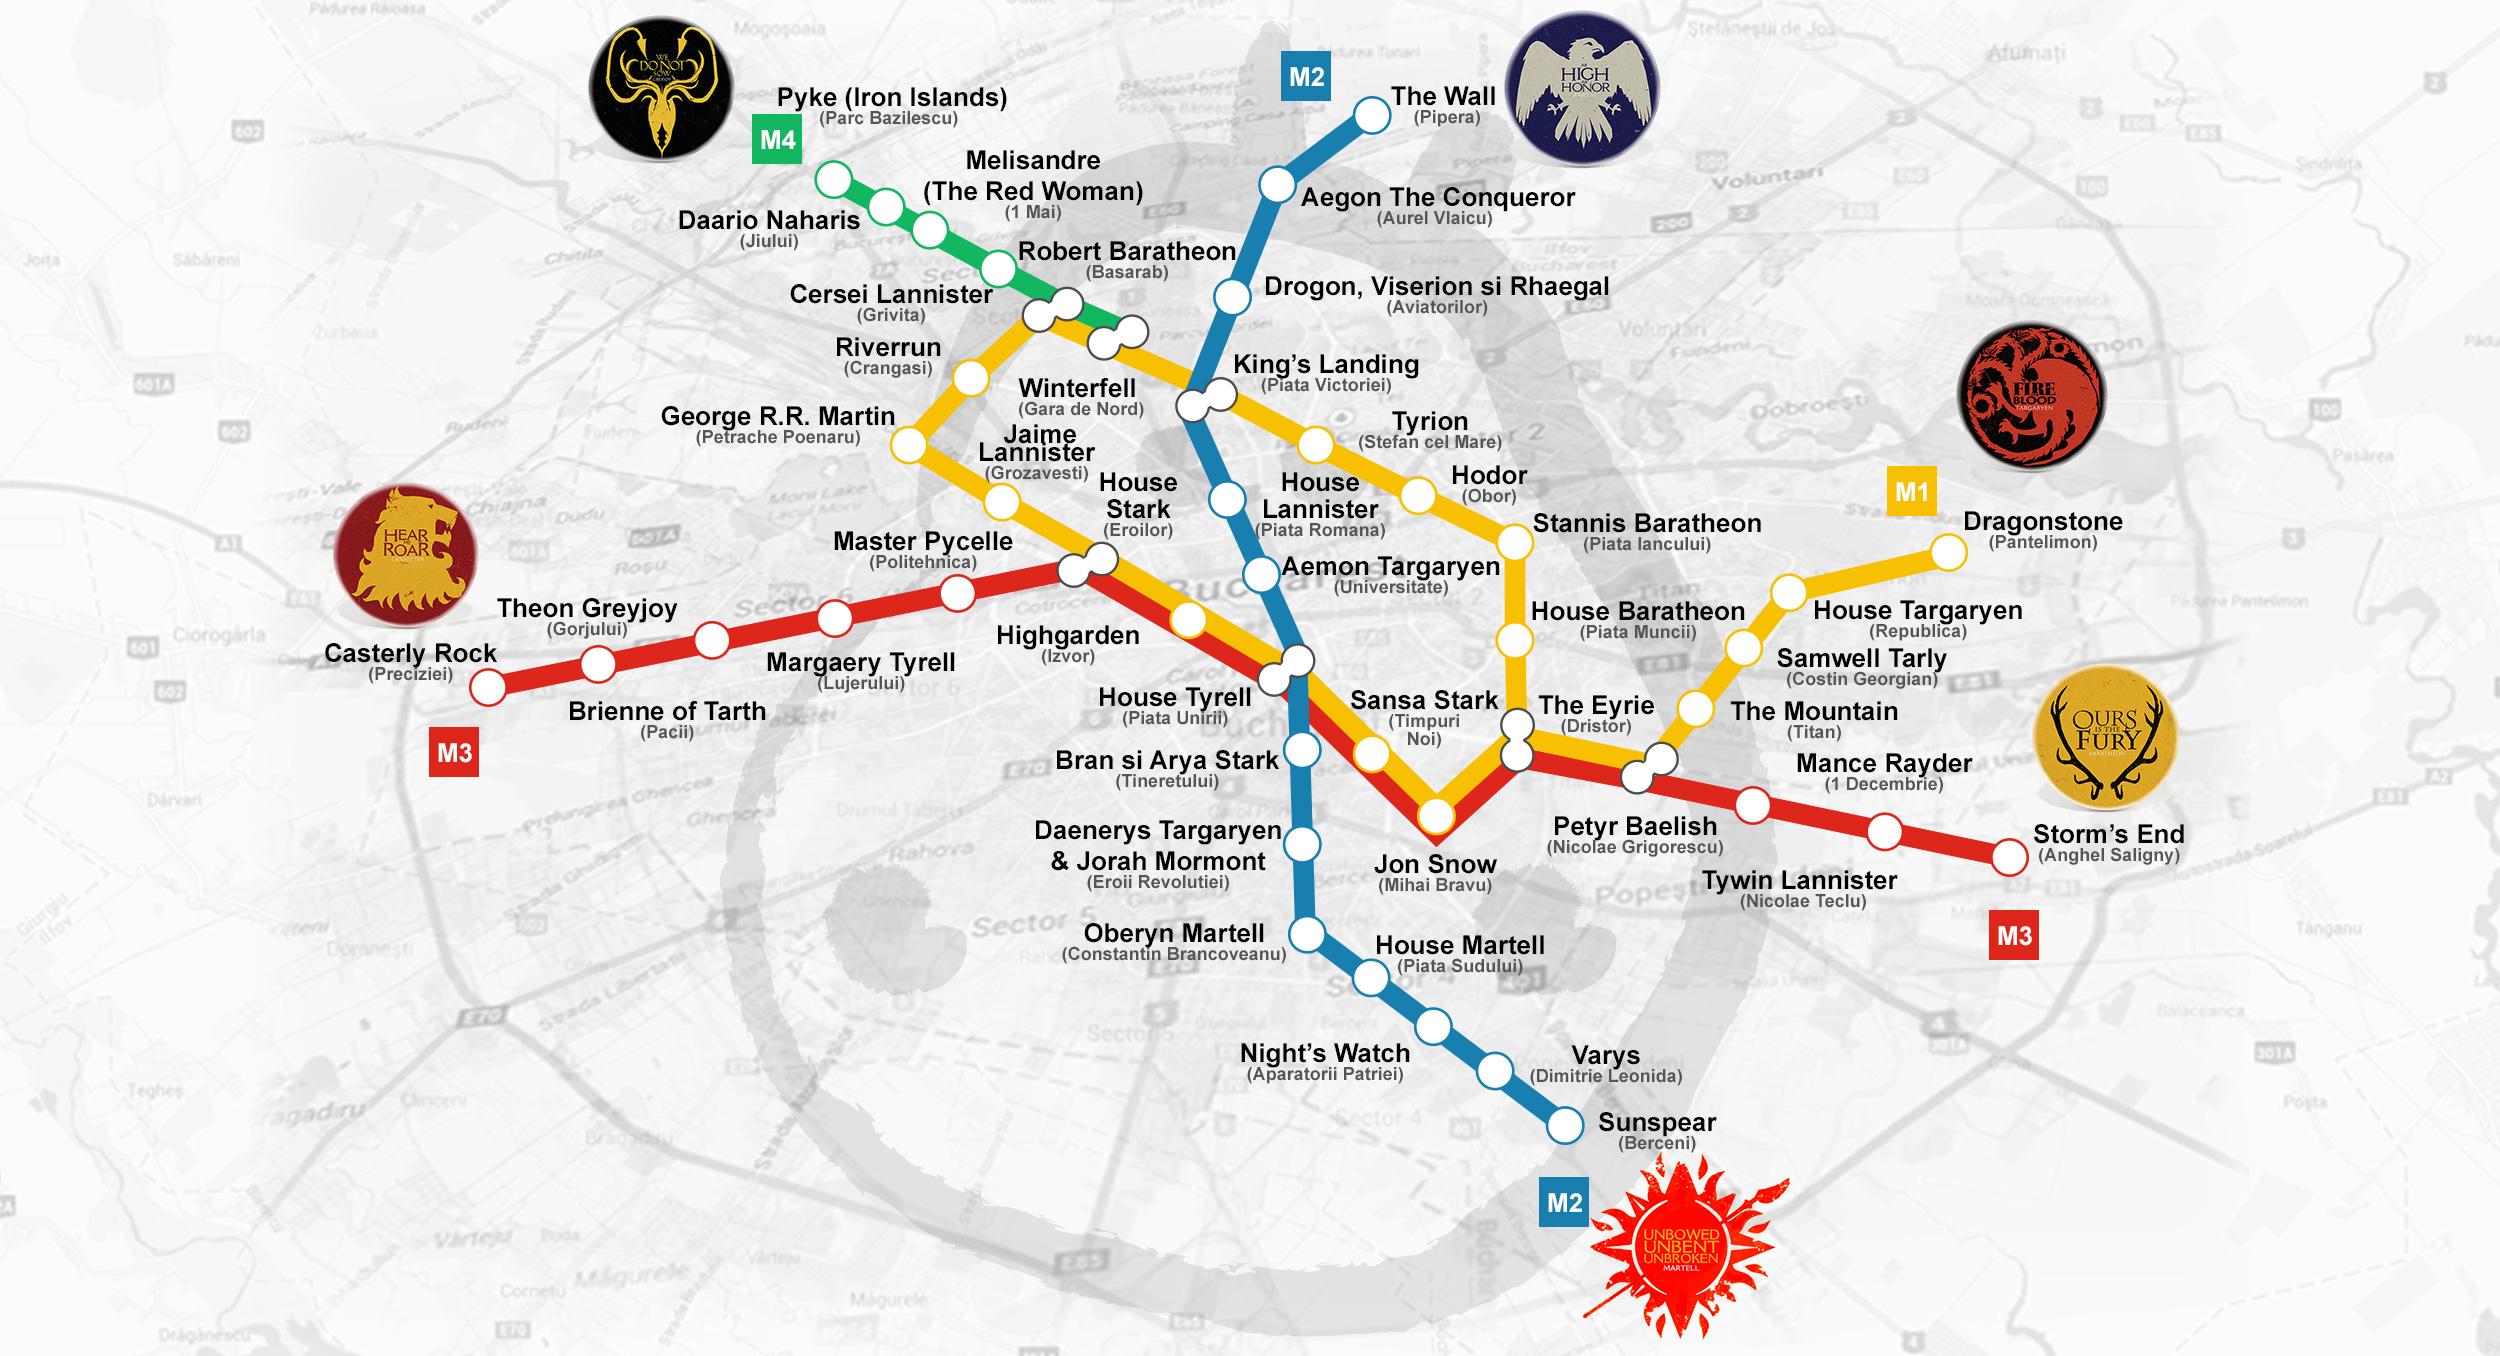 Harta Metroului Din Bucuresti Cu Nume De Personaje Si Locuri Din